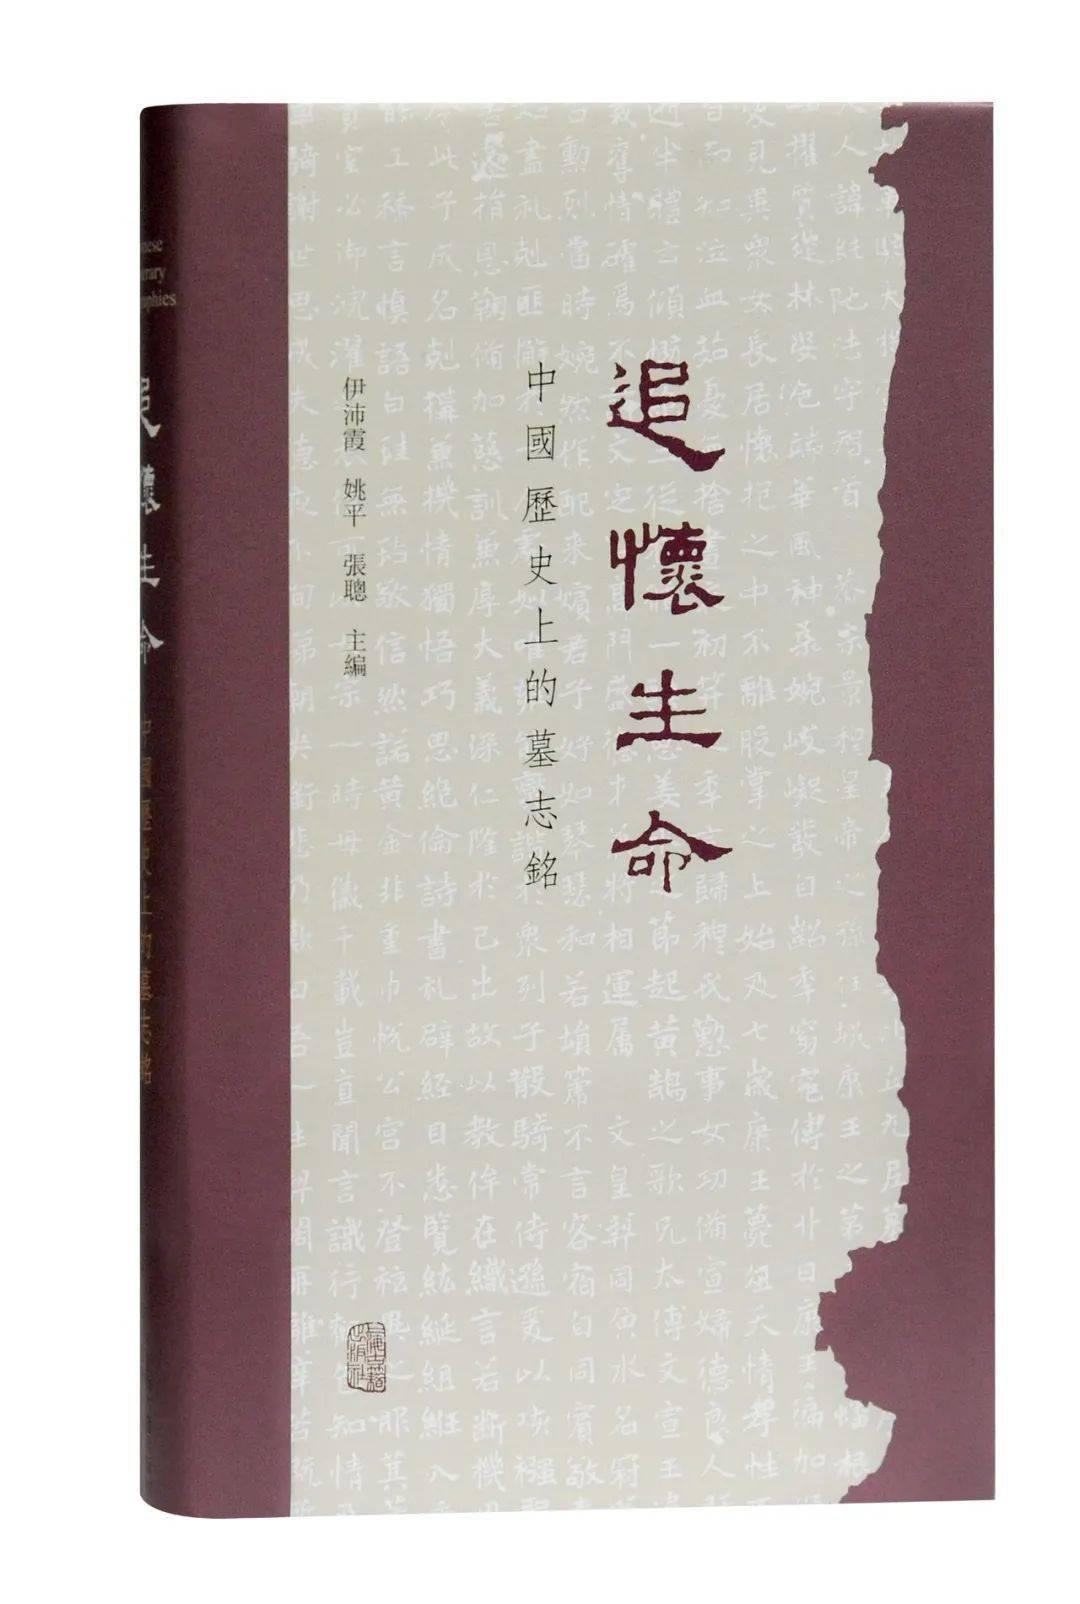 讲元朝历史的书 记载元朝历史的书籍